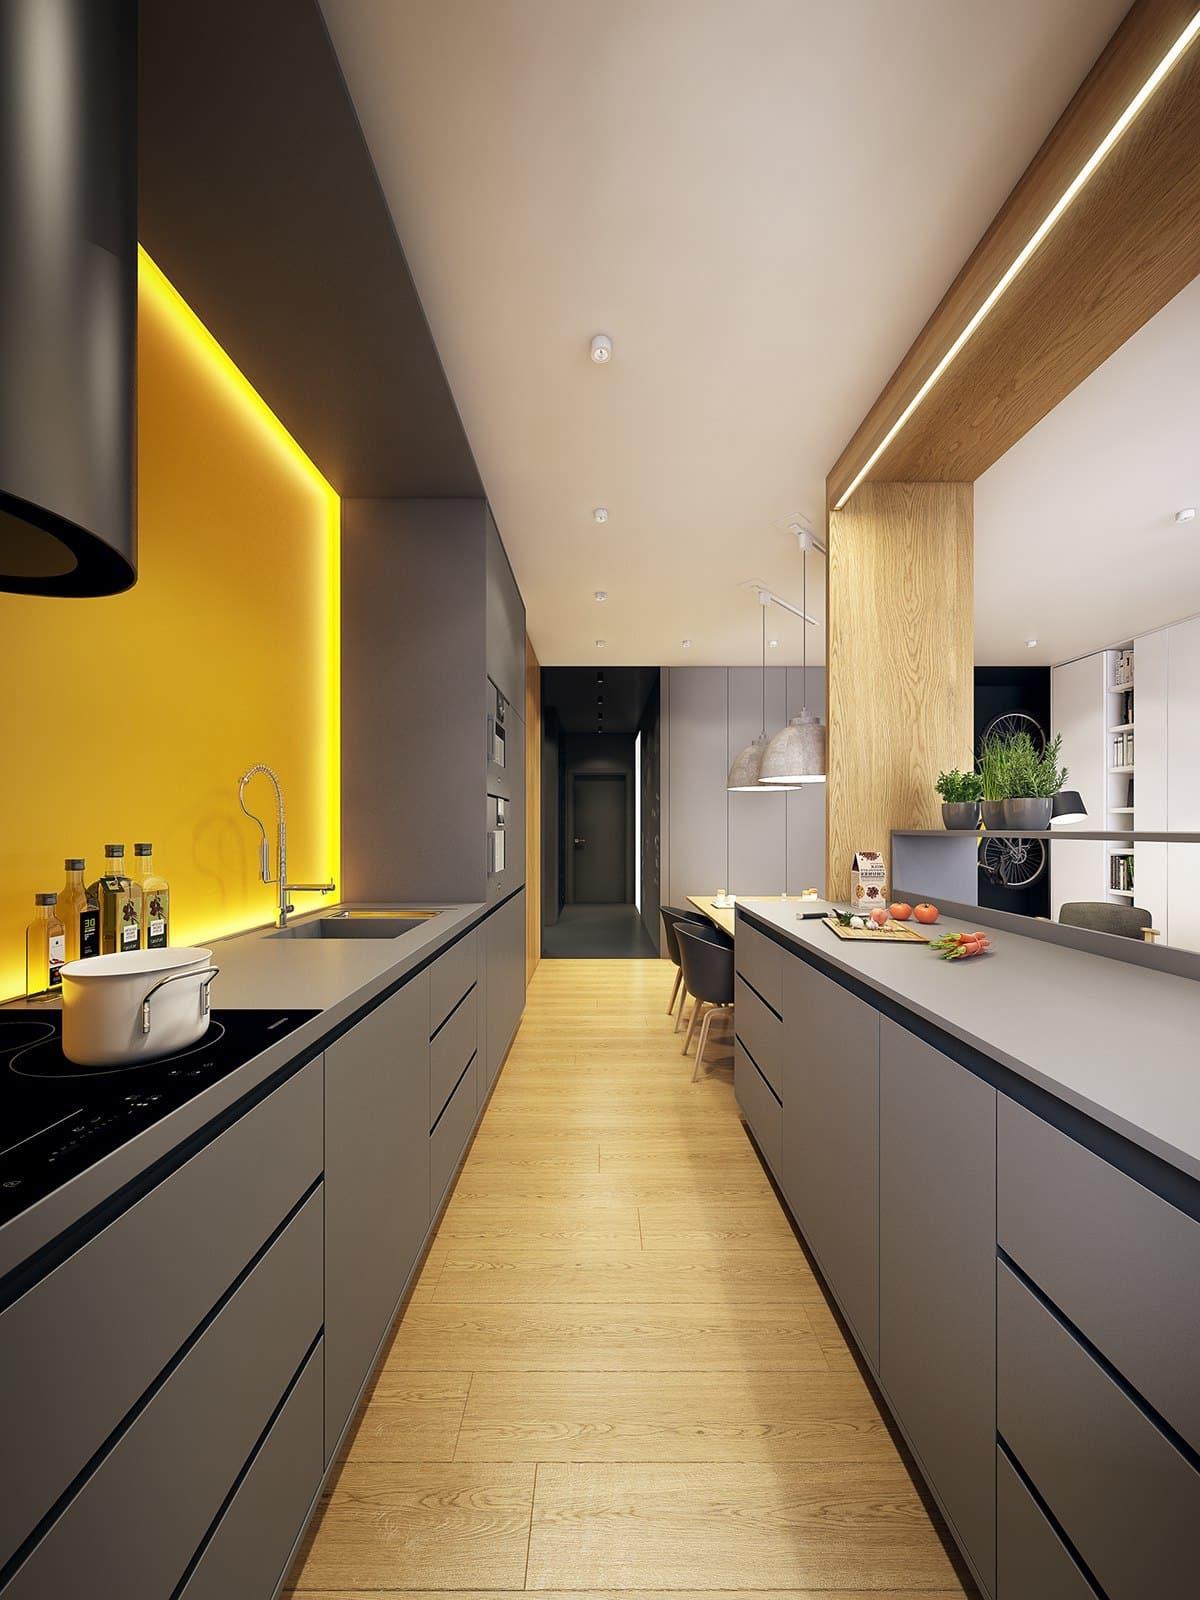 Conception d'une cuisine étroite moderne dans des tons subtils de jaune et de gris